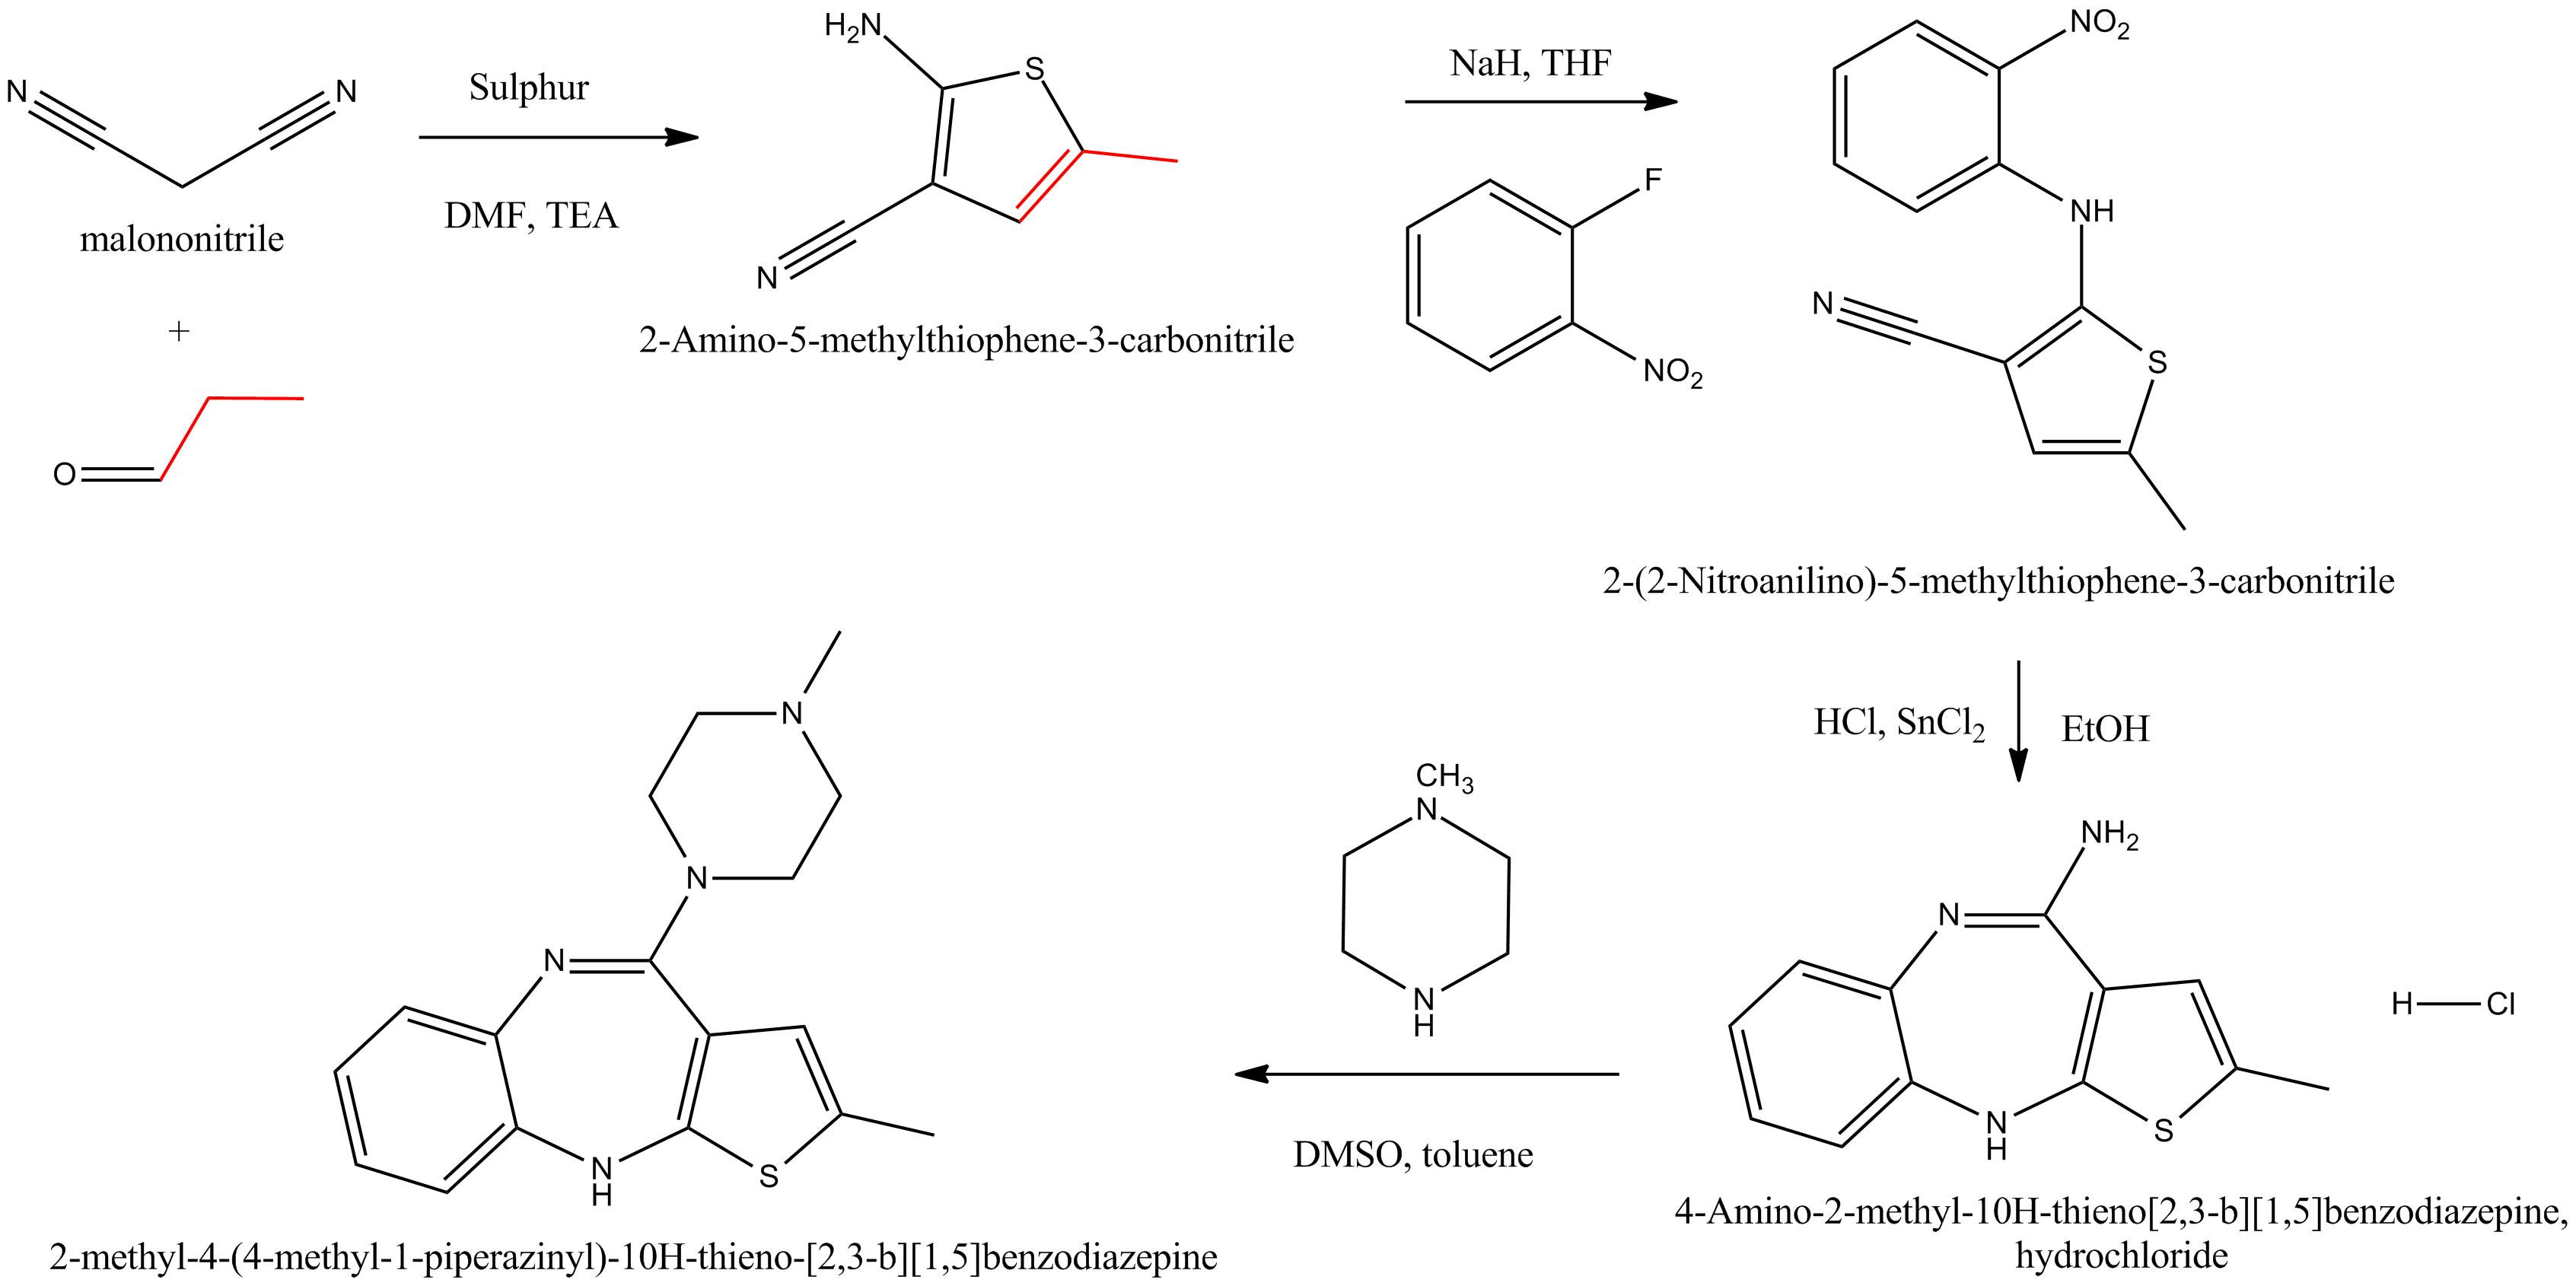 phenergan hyperemesis